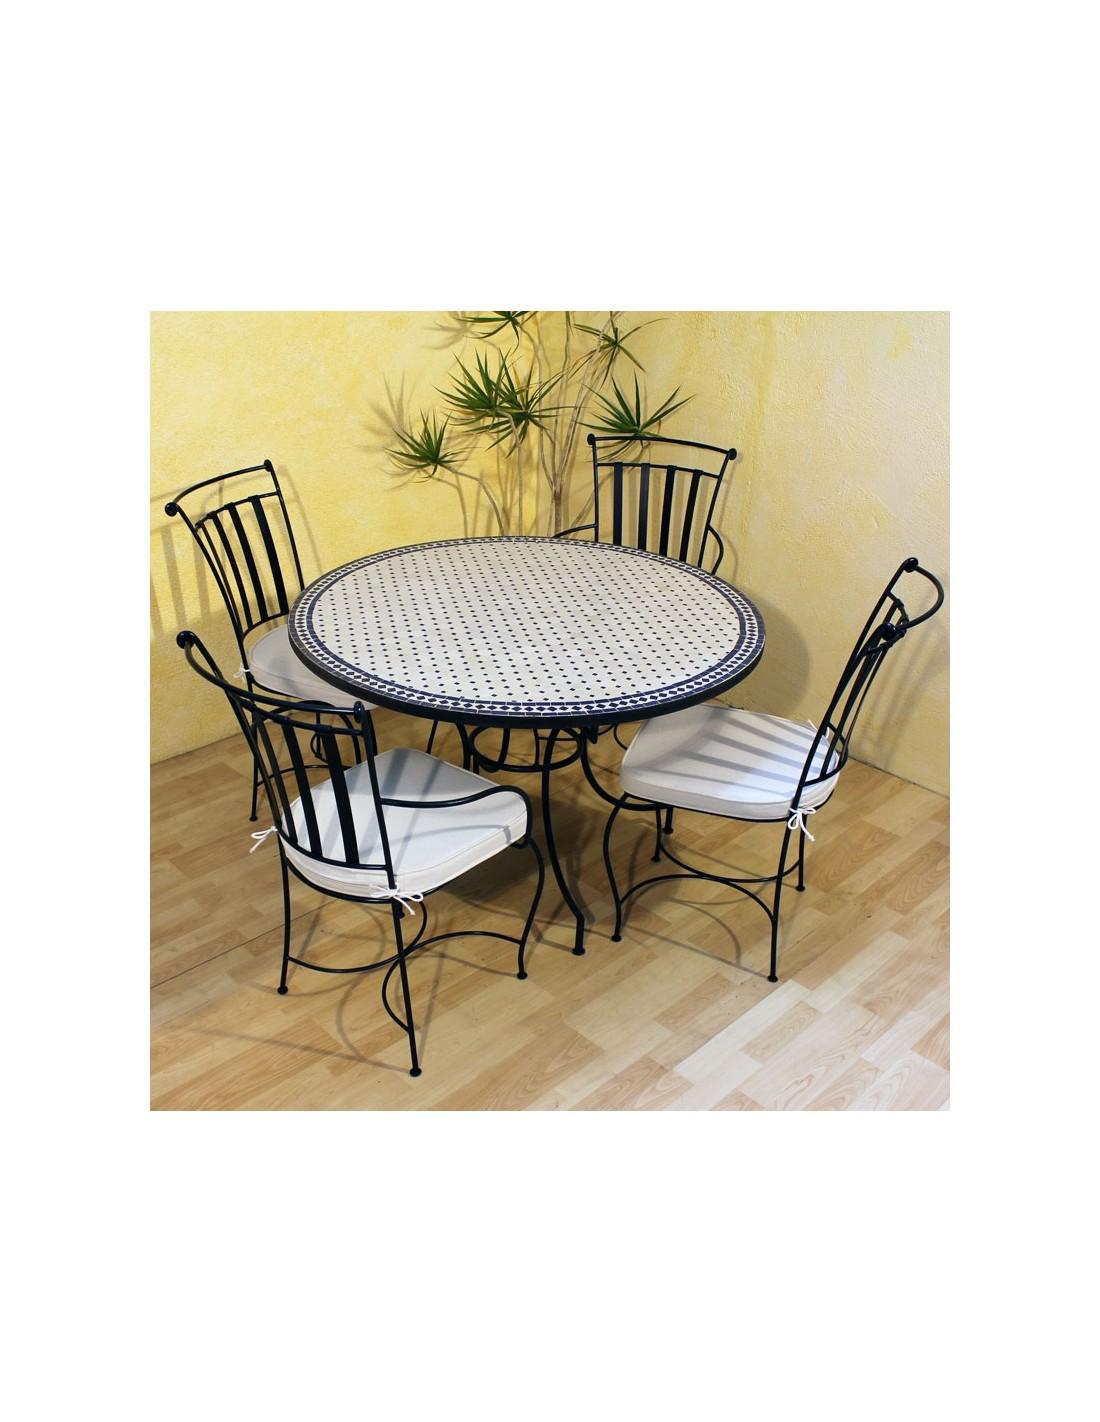 mosaiktisch issma 120cm rund albena marokko galerie. Black Bedroom Furniture Sets. Home Design Ideas